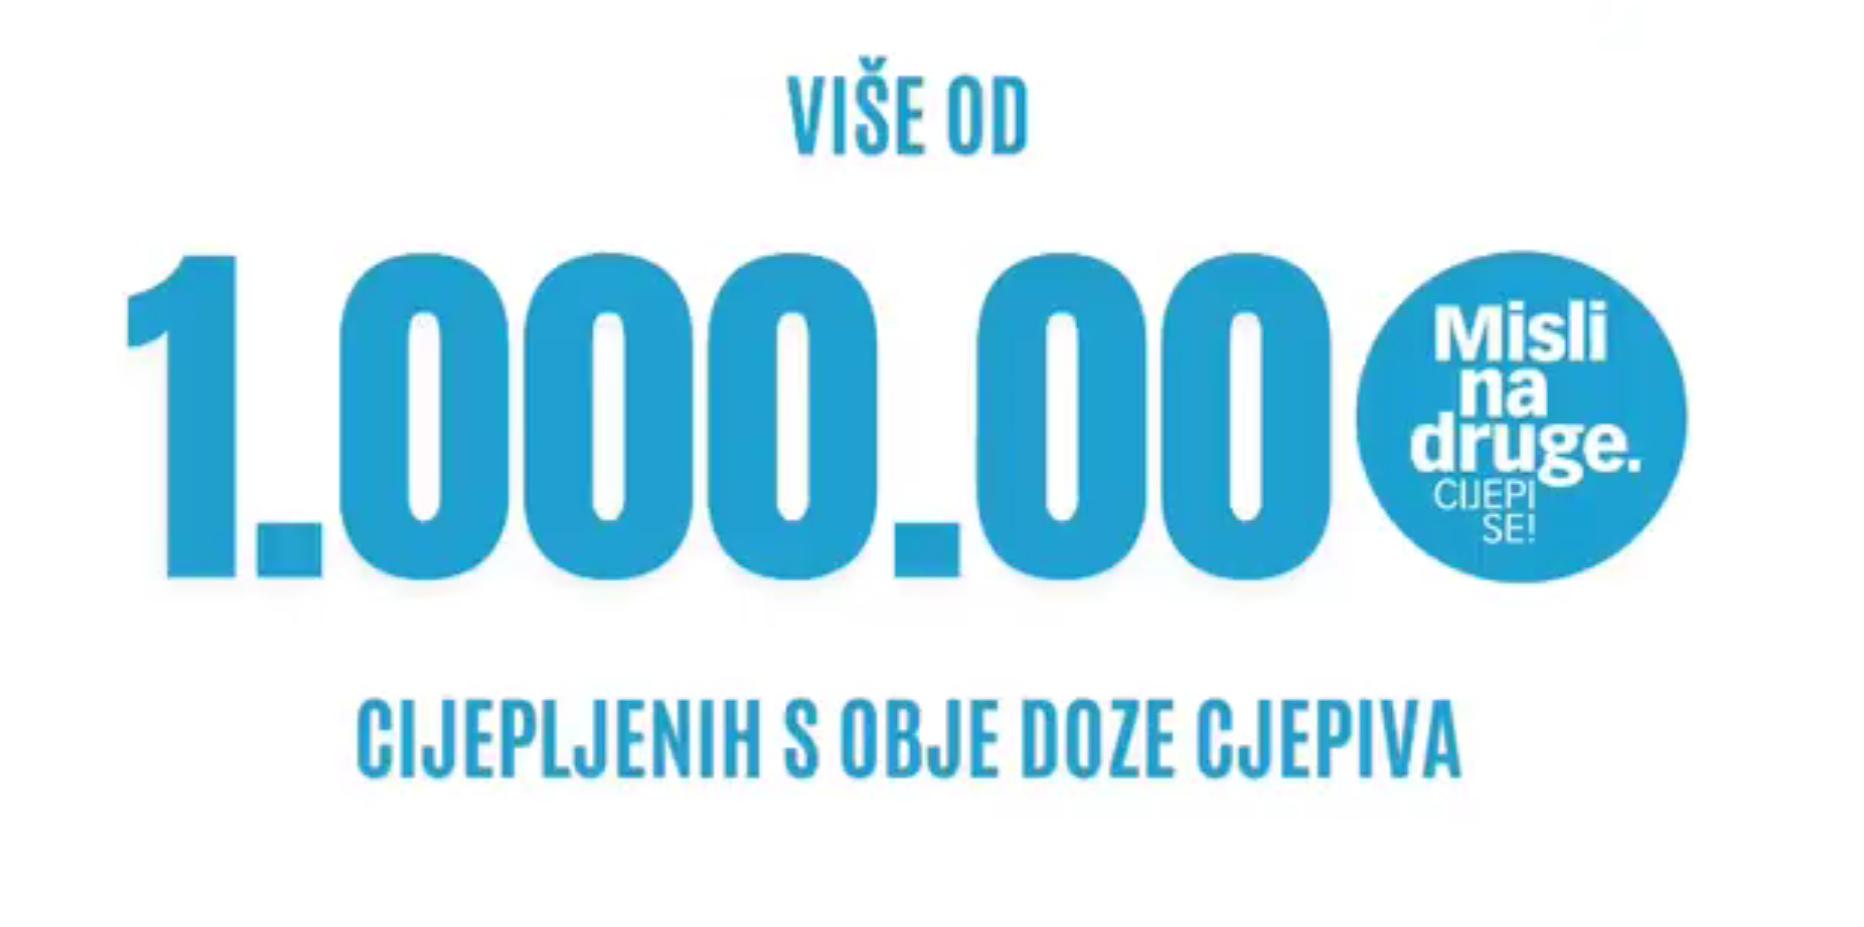 Plenković: Jučer smo prešli broj od milijun osoba cijepljenih s obje doze